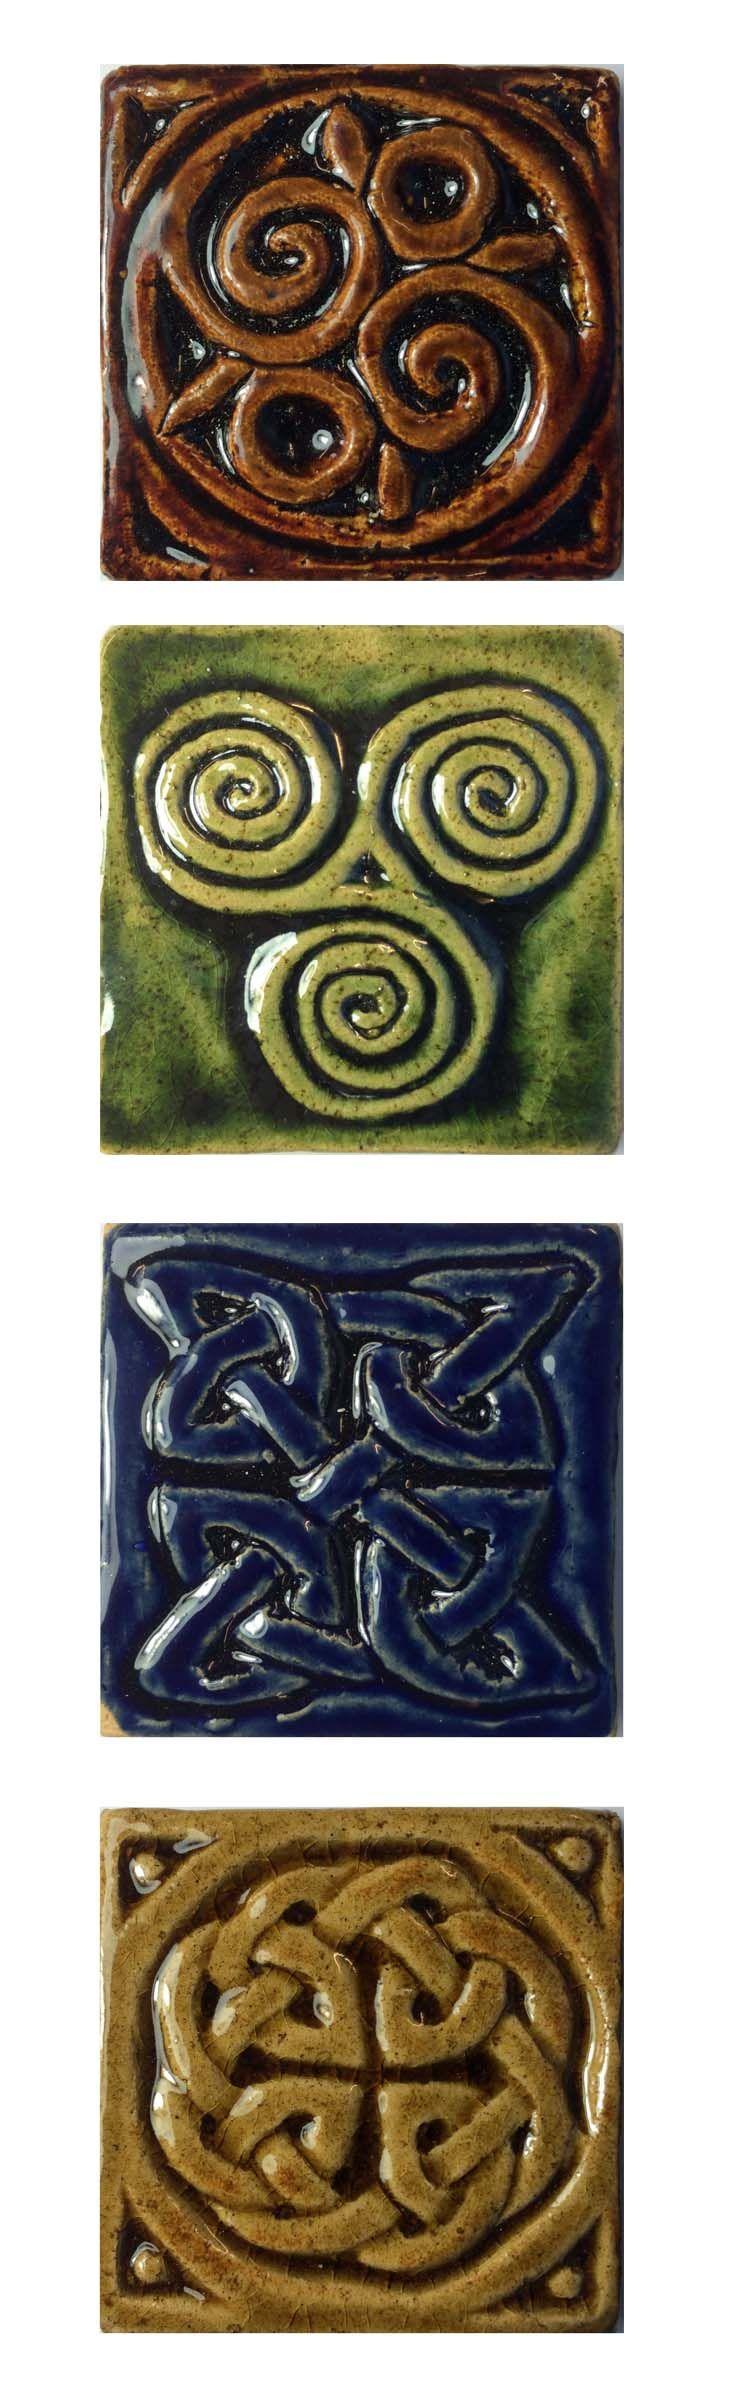 Owl greeting card set welsh artist jen delyth celtic art studio - Handmade Celtic Tiles From Ireland